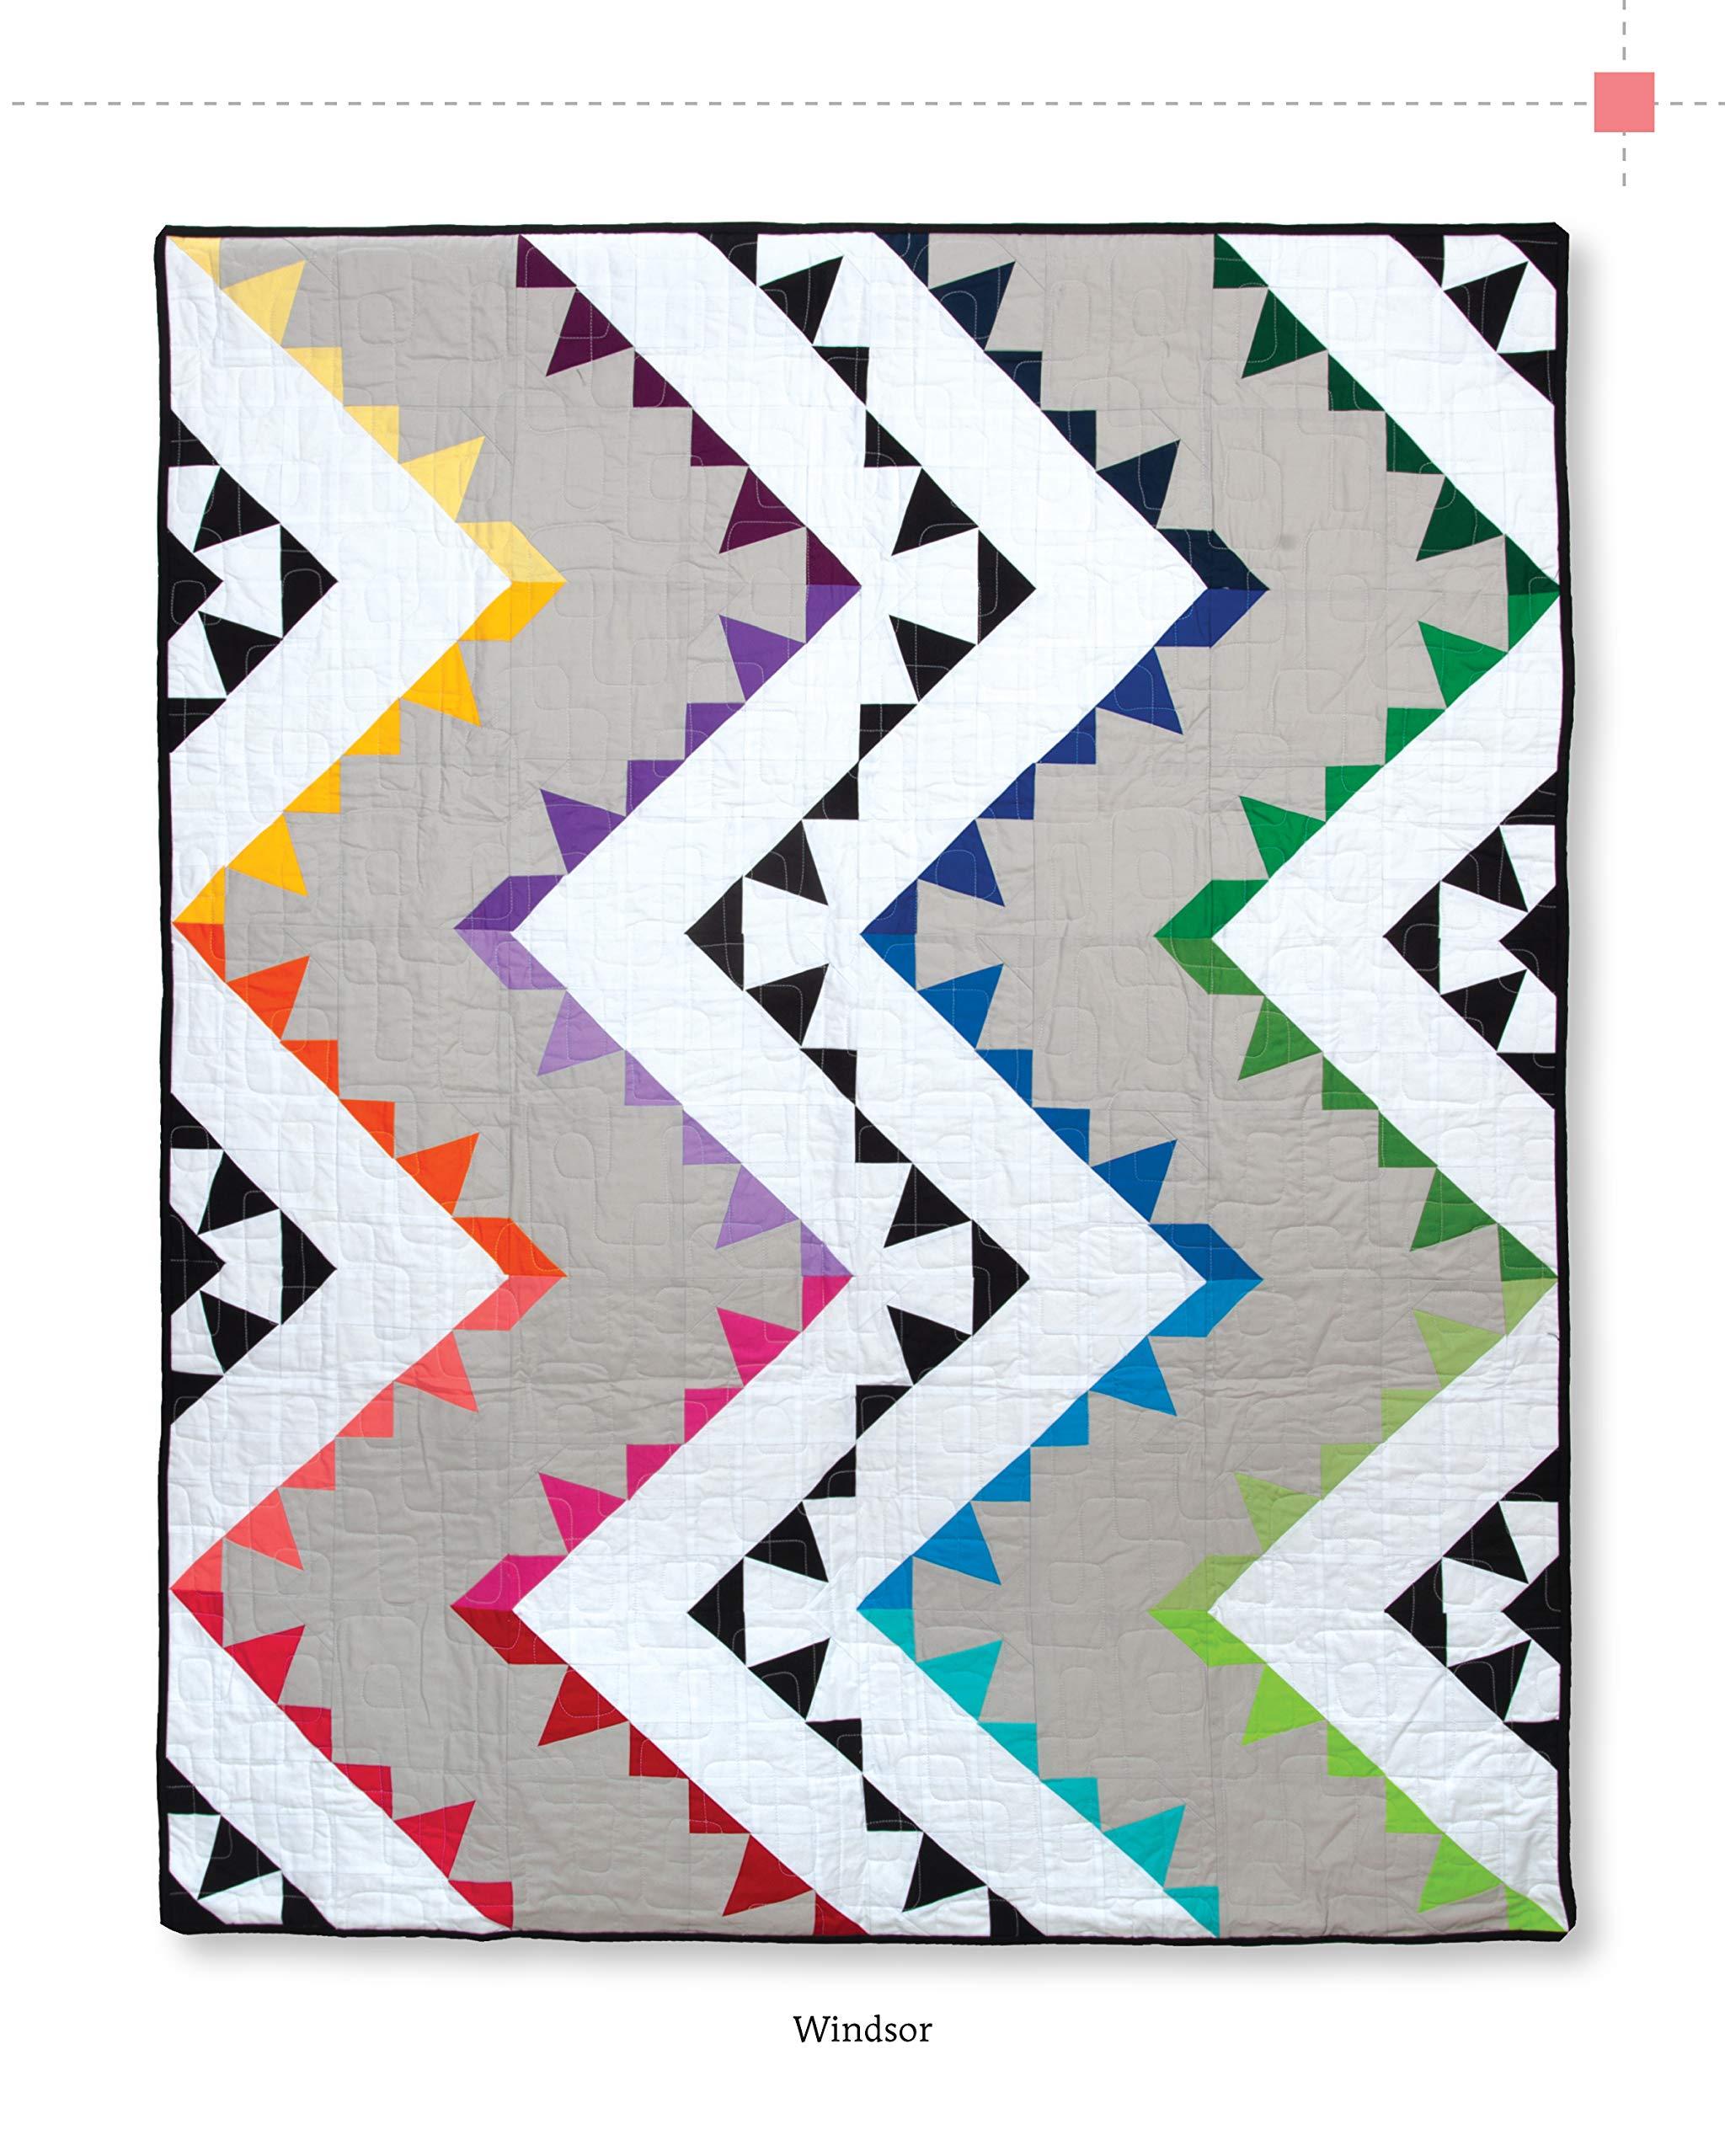 Windsor Quilt Pattern